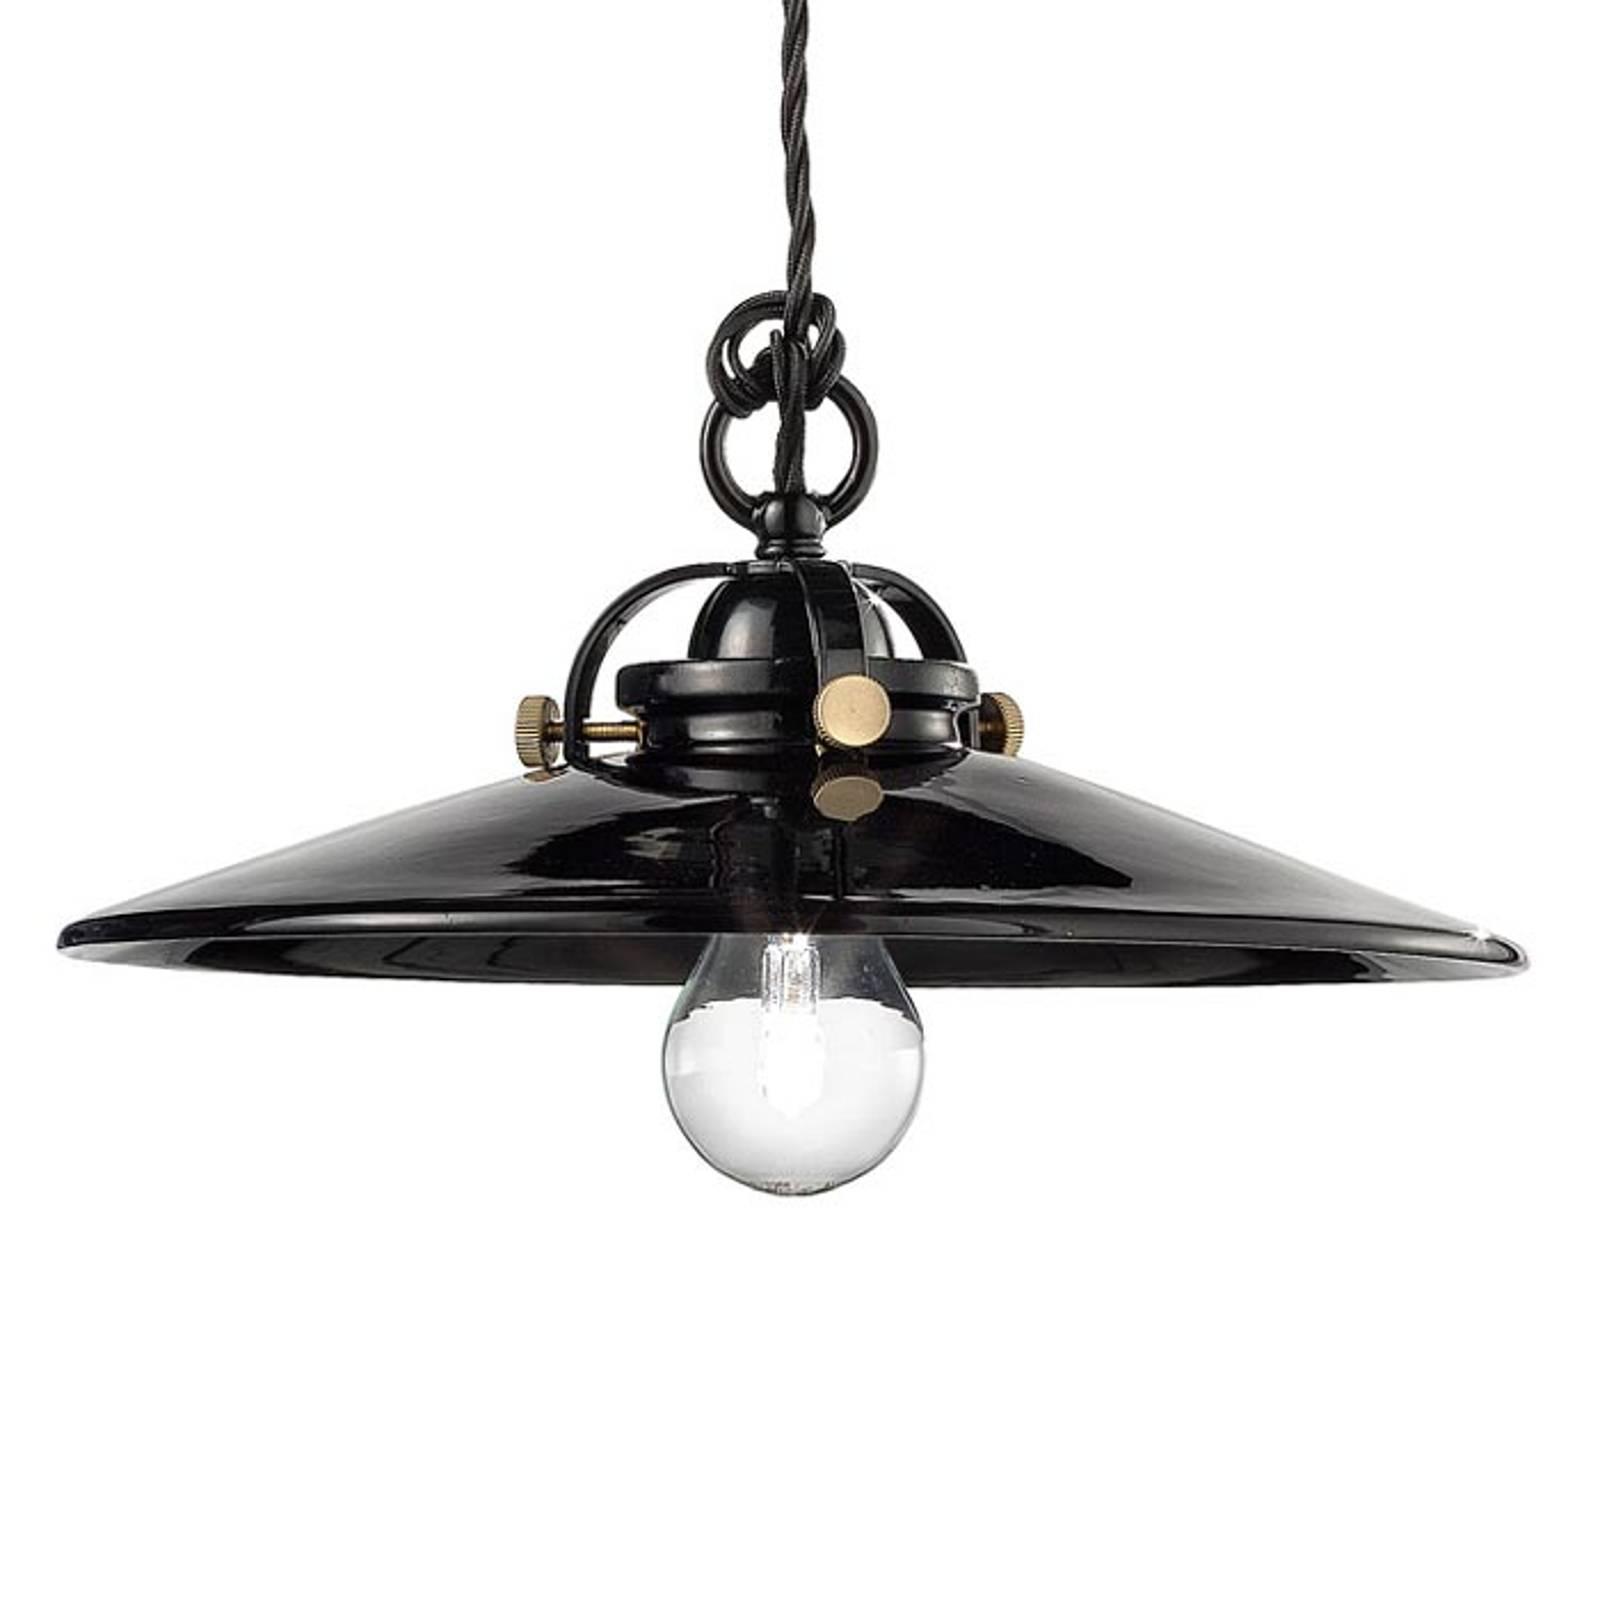 Czarna ceramiczna lampa wisząca Edoardo, 31cm